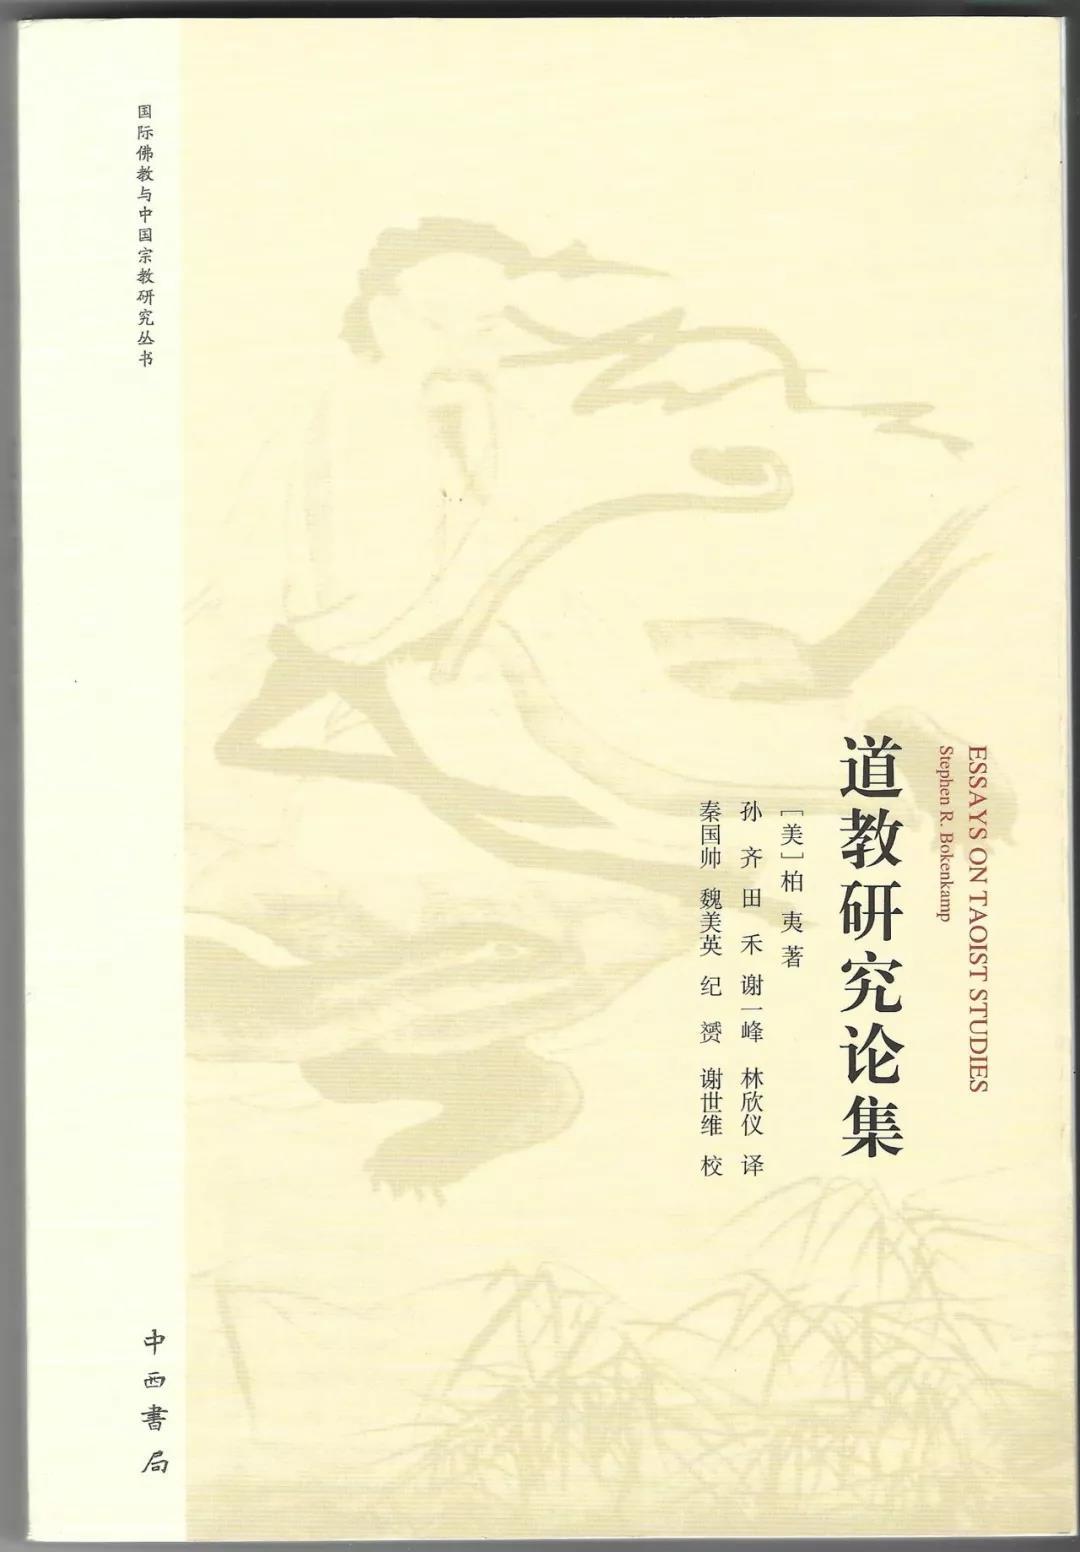 讲座预告:文学史地图上的道教——《真诰》的英译